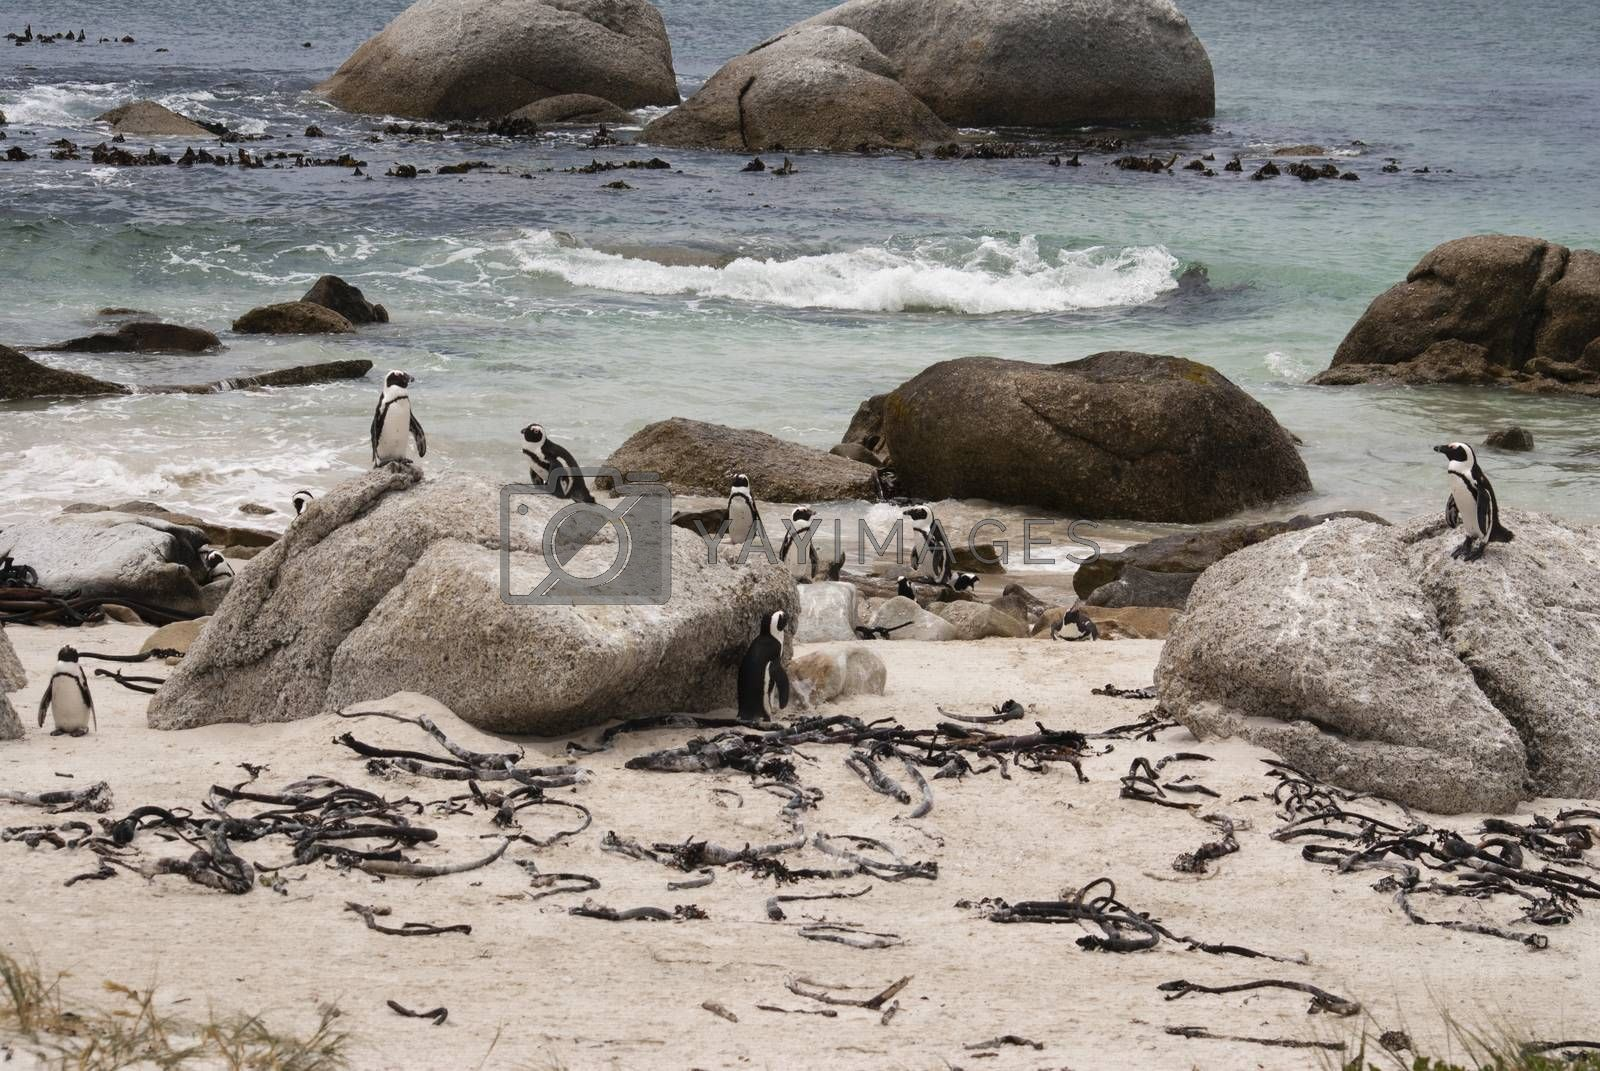 Penguin on a beach by Anna07